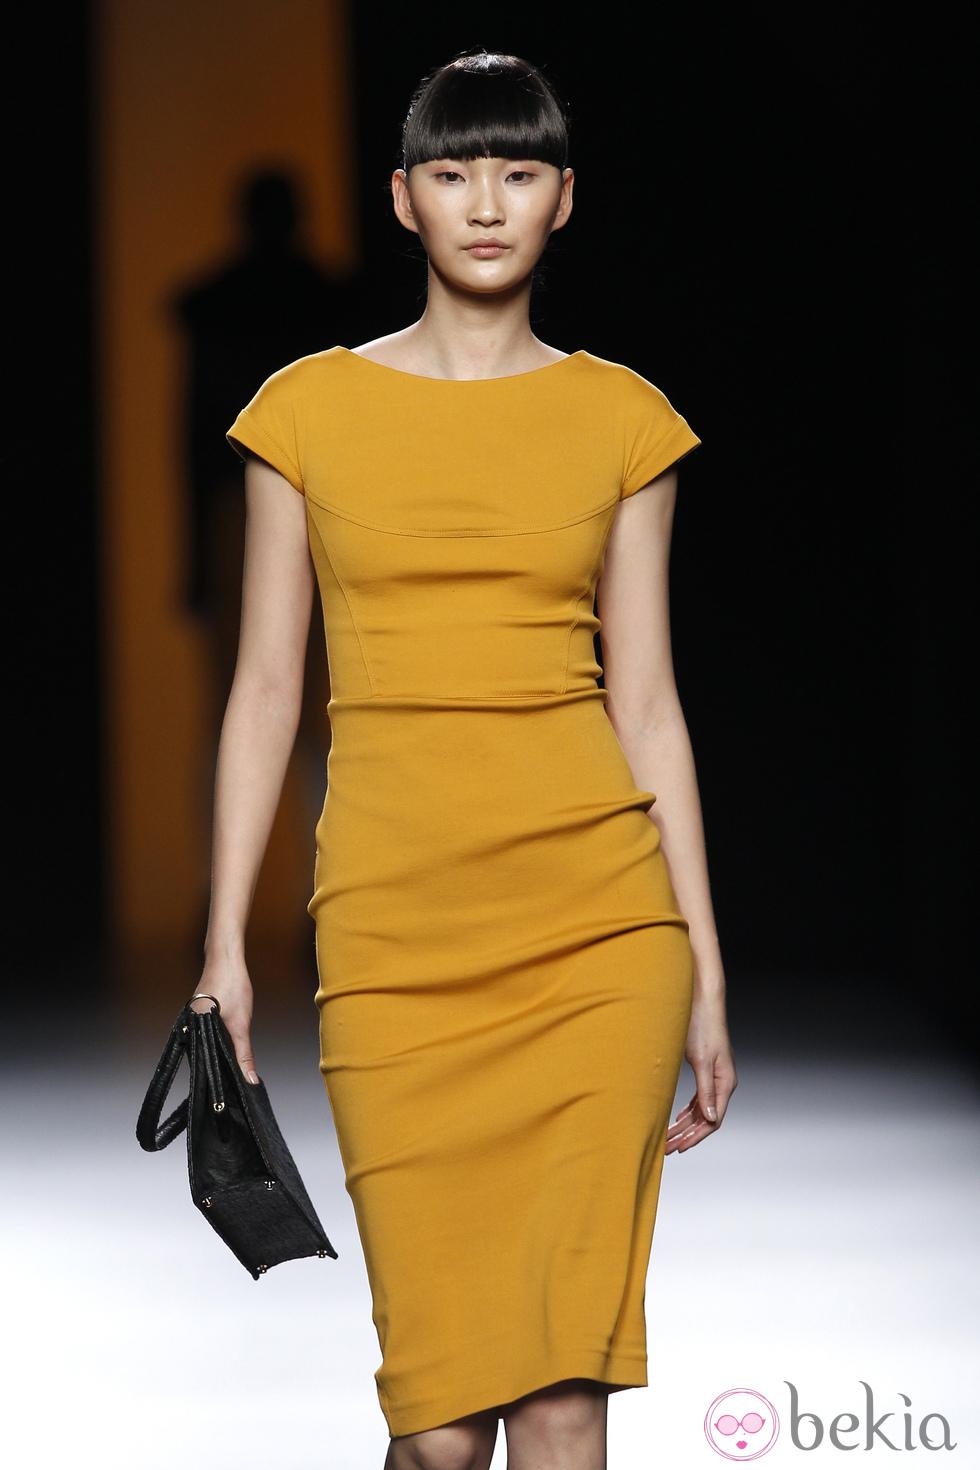 48897b6e89 Consultorio moda Enero 2014 - Blog María León Style